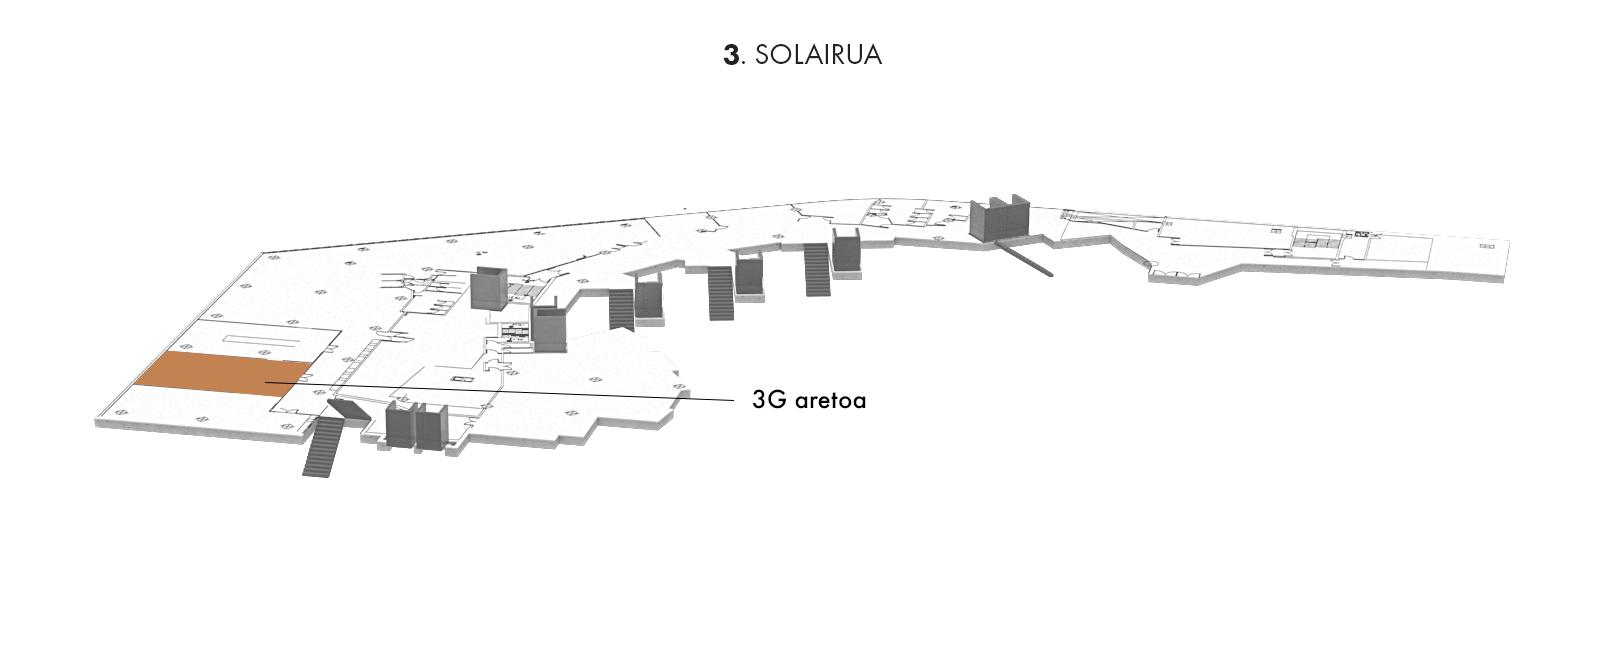 3G aretoa, 3. solairua | Palacio Euskalduna Jauregia